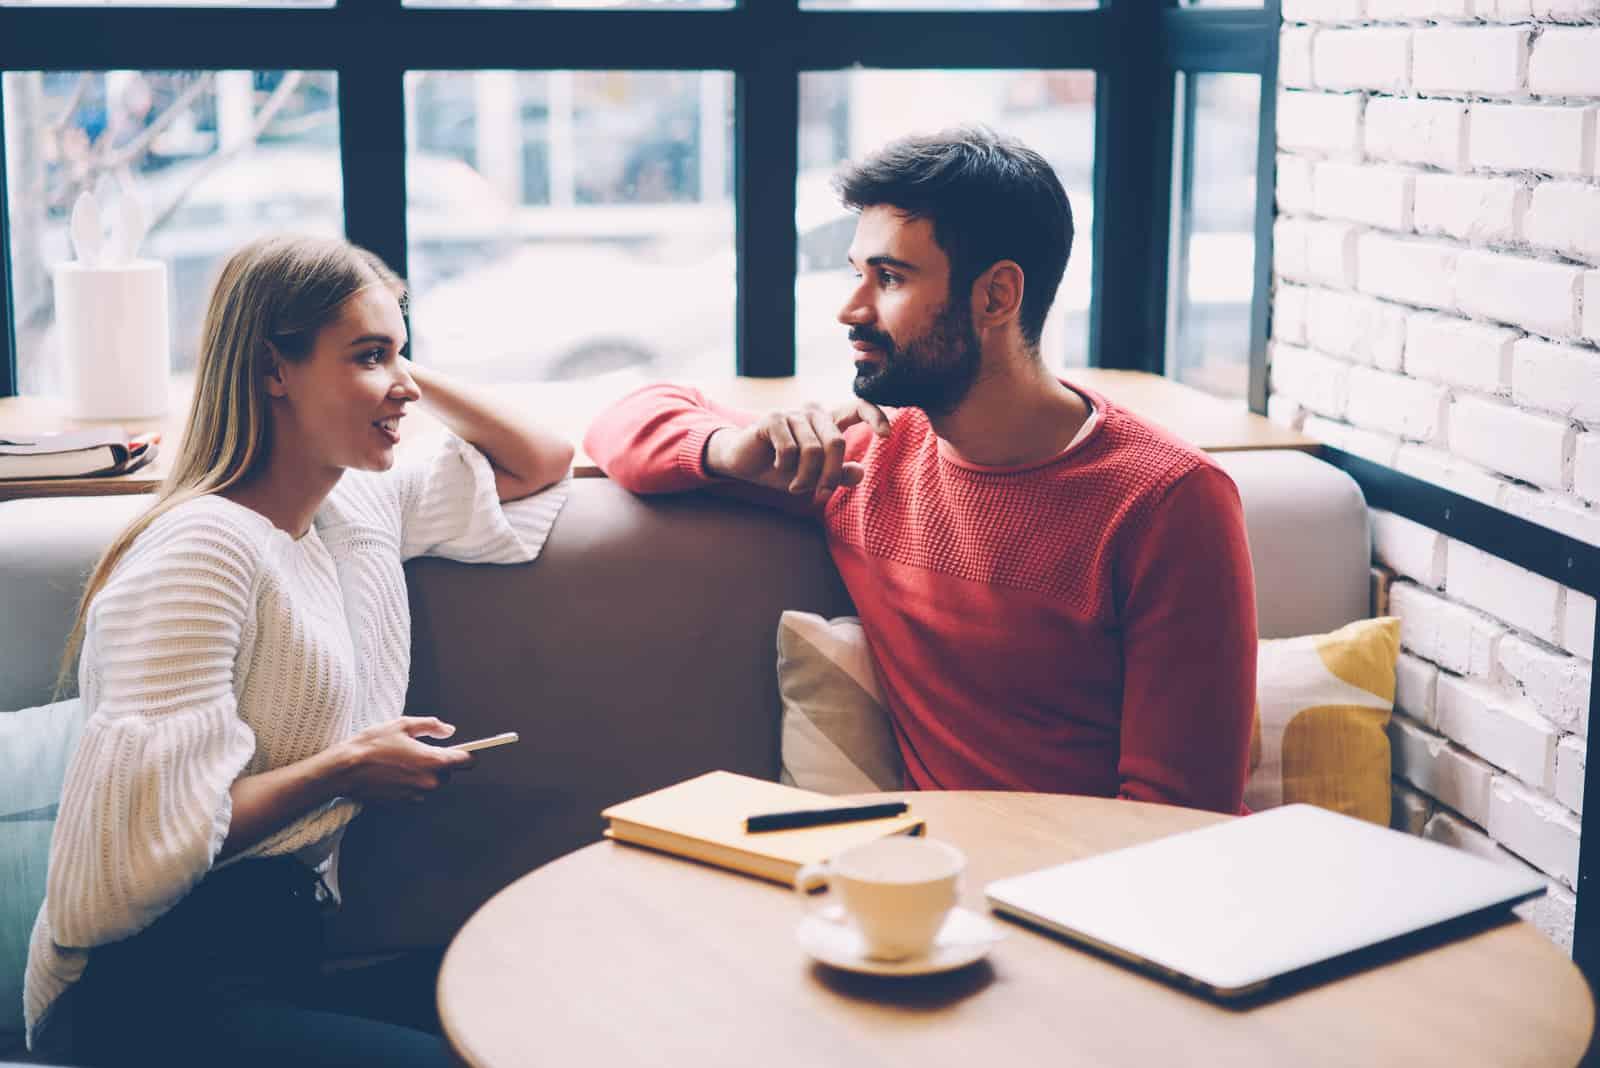 un couple amoureux assis à une table et parlant et se regardant dans les yeux